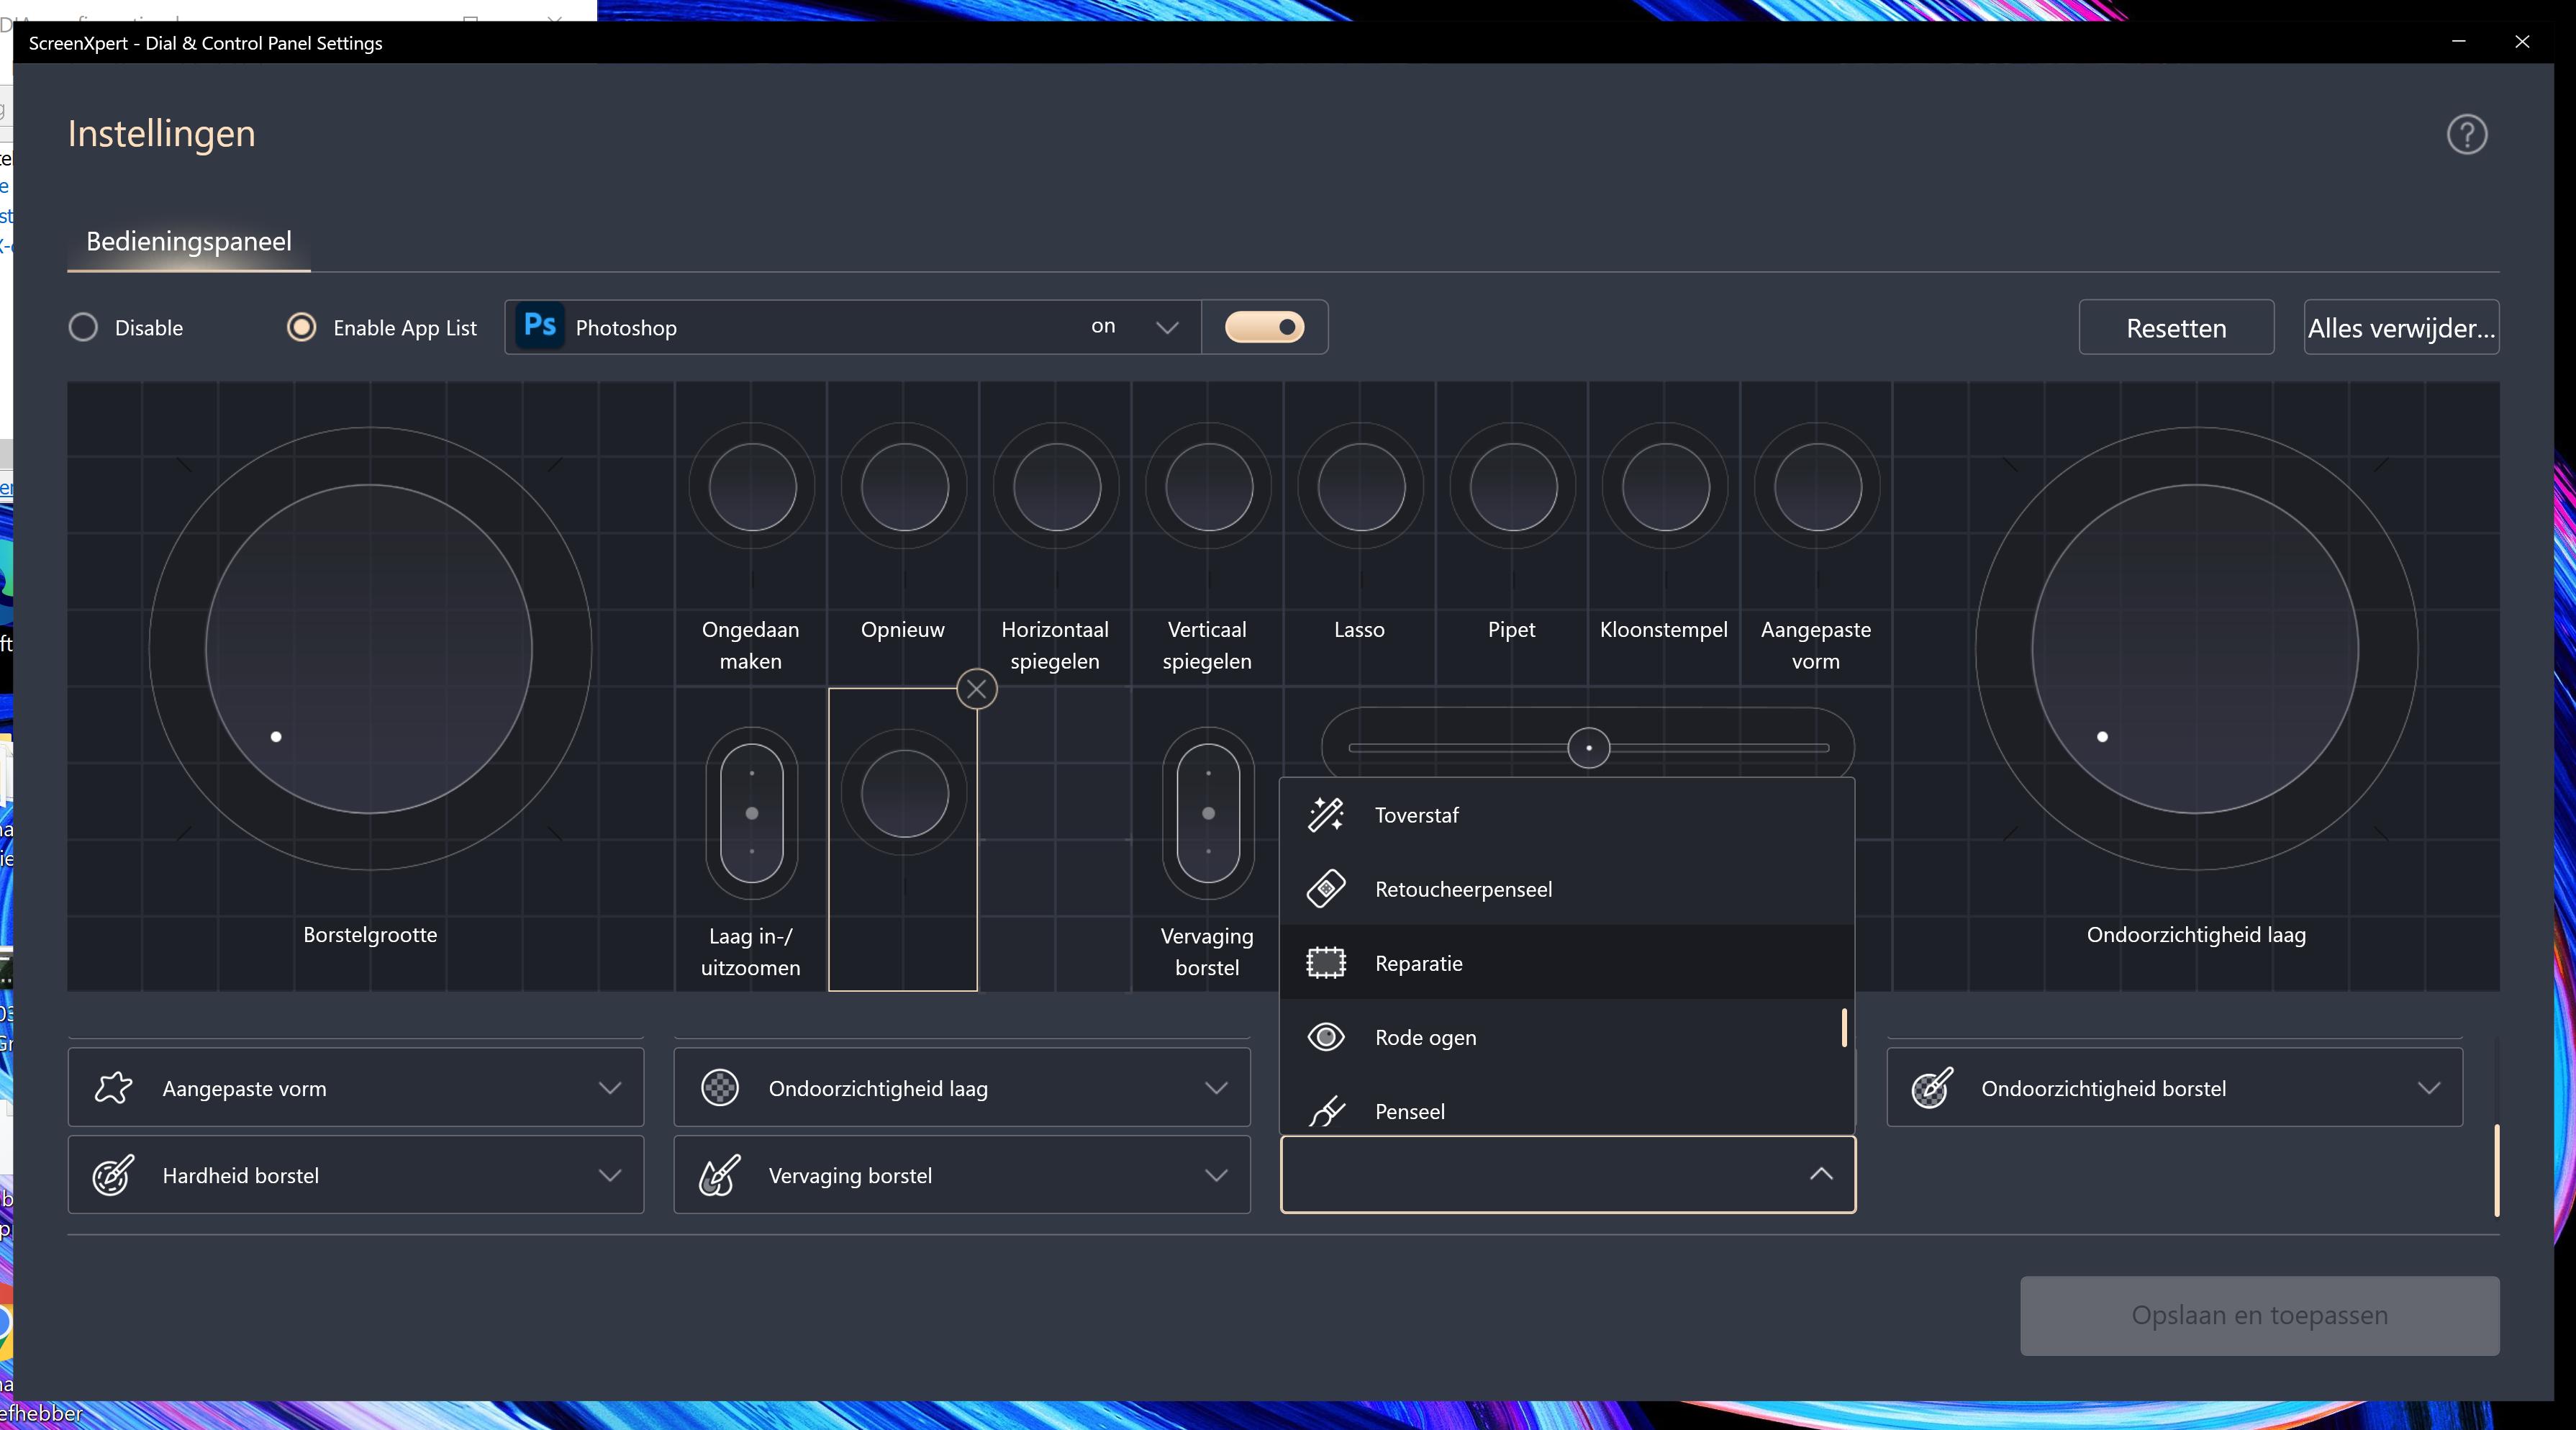 Asus Control Panel voor Adobe Photoshop bedieningspaneel aanpassen